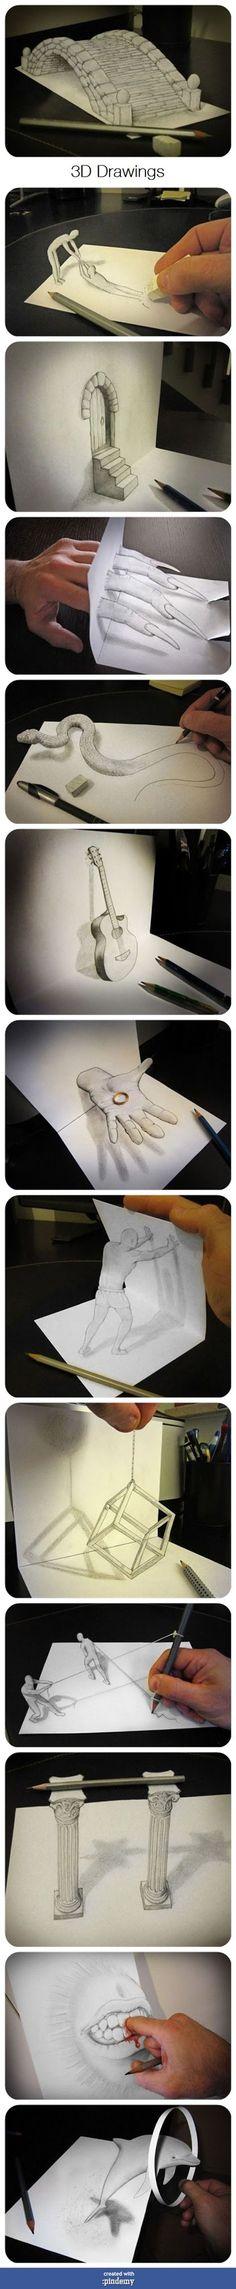 3D-tekeningen                                                                                                                                                                                 More